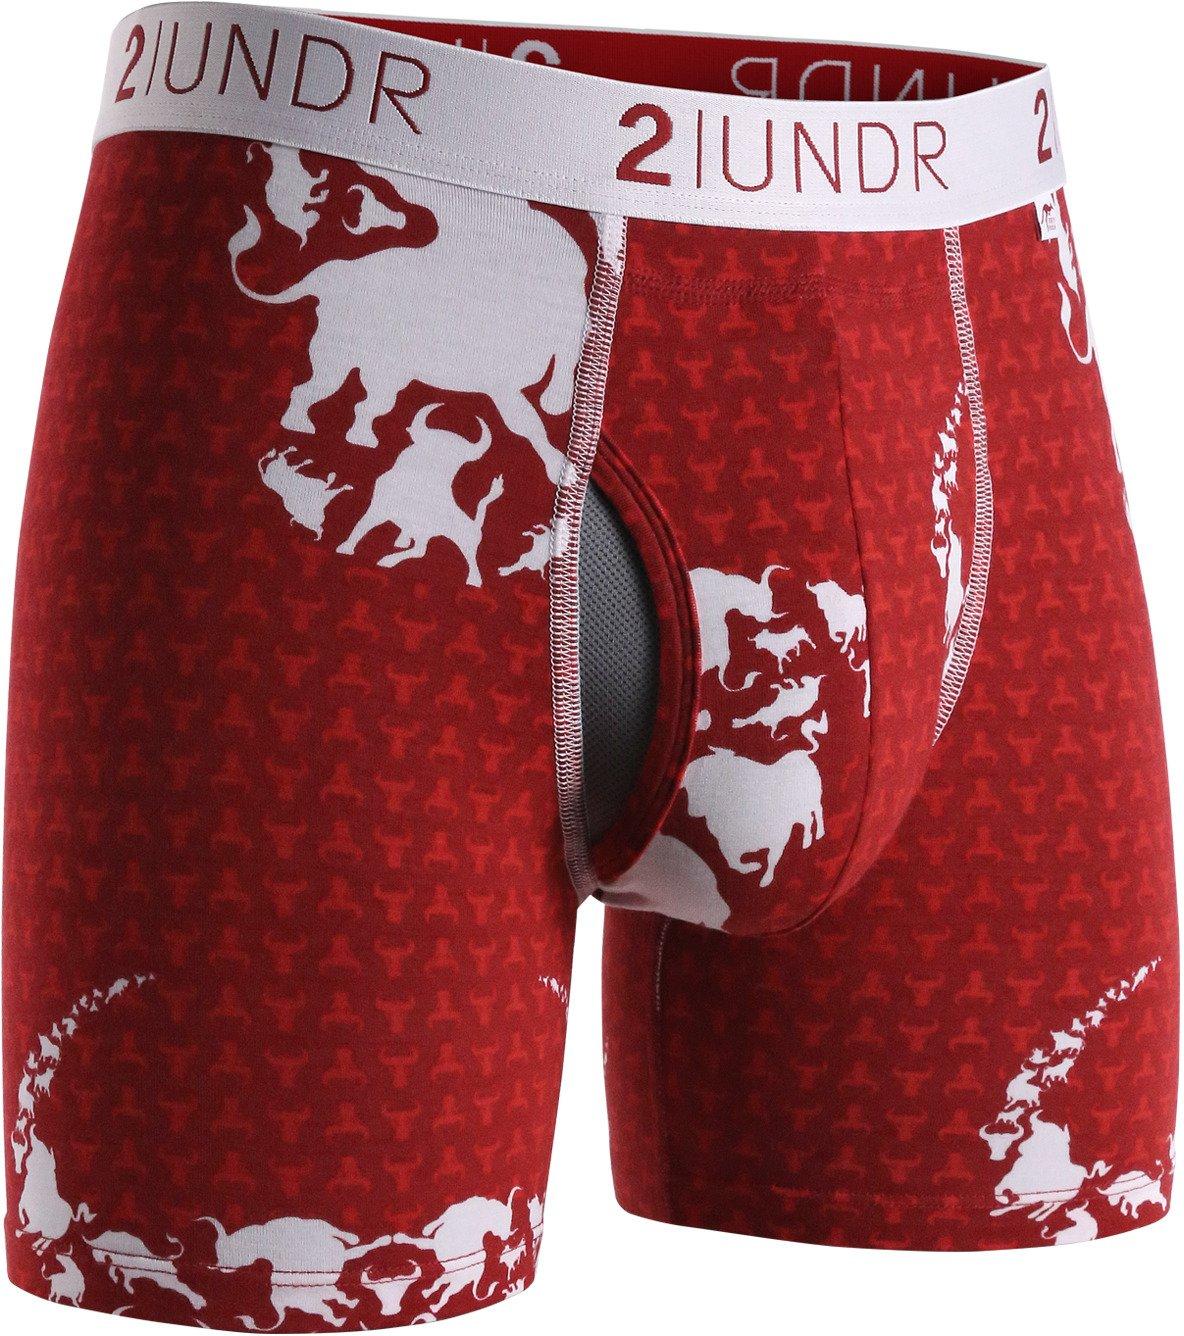 2UNDR Men's Swing Shift 6 in Digi Camo Boxer Briefs